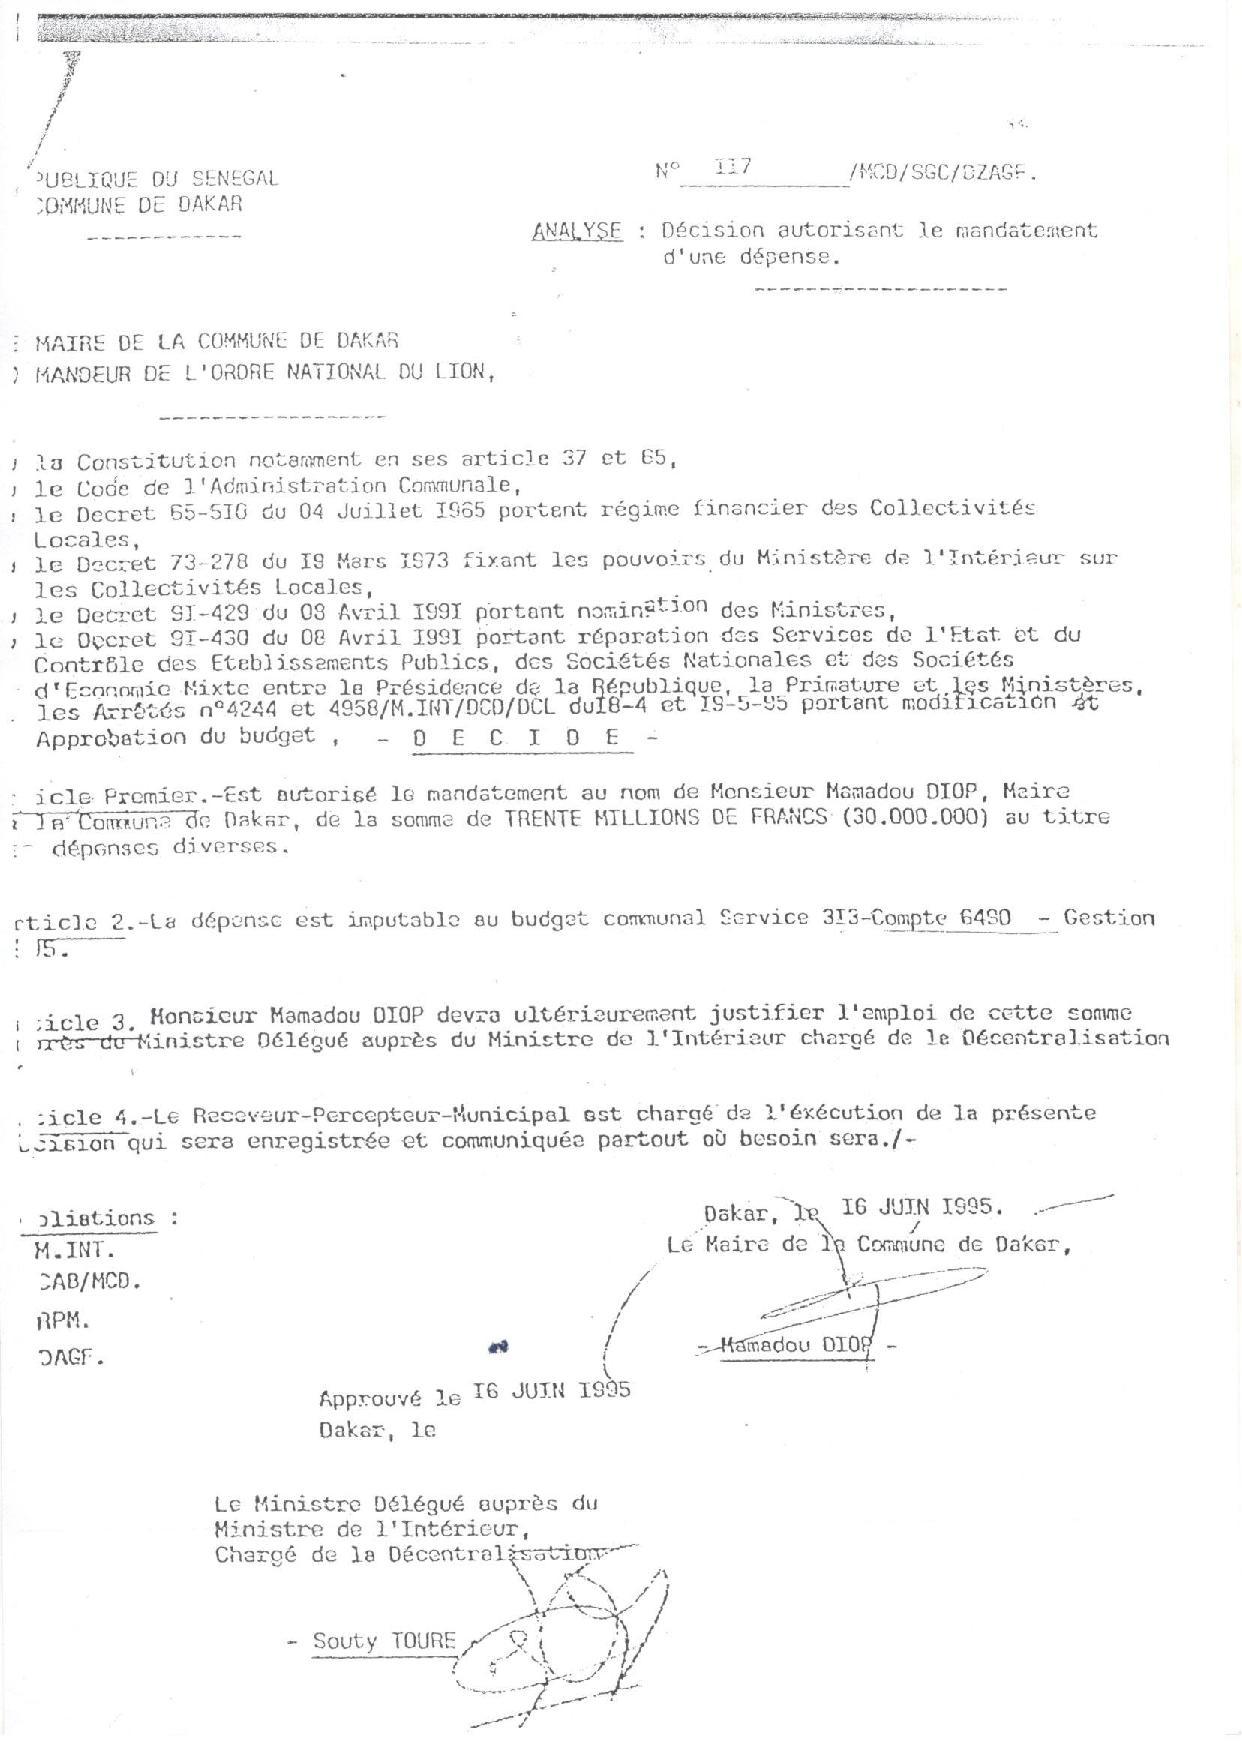 Caisse d'avance Mairie de Dakar : Voici quelques documents d'archives à valeur documentaire signés par l'ancien édile, Mamadou Diop